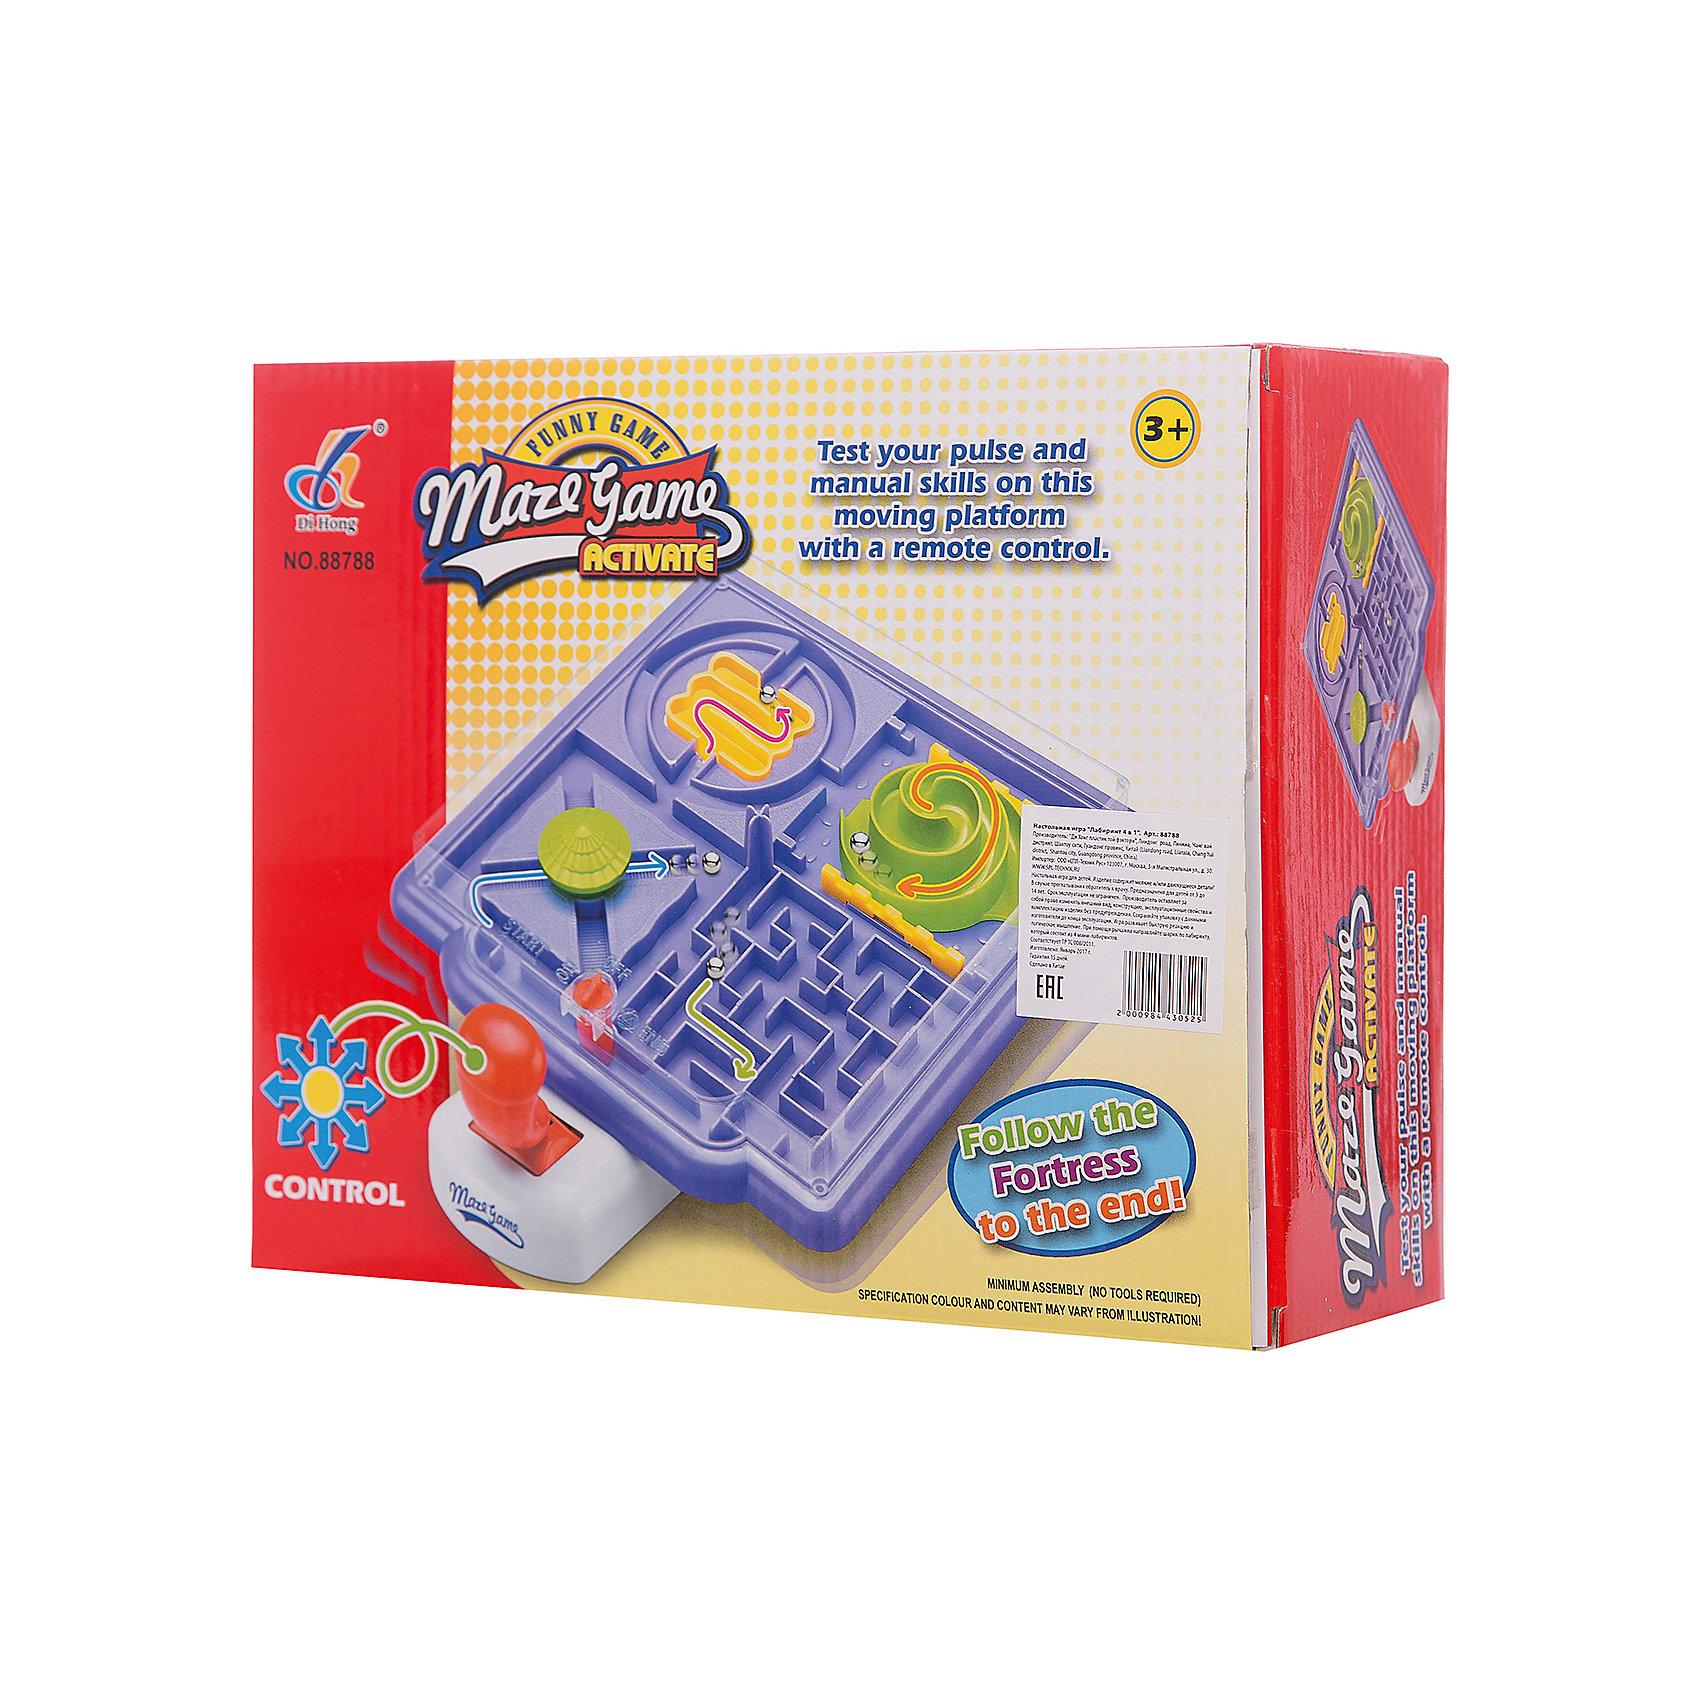 Настольная игра Лабиринт 4 в 1Настольные игры для всей семьи<br>Настольная игра для детей от 3 лет<br>Количество игроков: 1<br>С помощью рычага необходимо направлять шарик по лабиринту, который состоит из 4 мини-лабиринтов<br>Игра способствует развитию логики, быстрой реакции и мелкой моторики<br><br>Ширина мм: 267<br>Глубина мм: 220<br>Высота мм: 100<br>Вес г: 9999<br>Возраст от месяцев: 36<br>Возраст до месяцев: 2147483647<br>Пол: Унисекс<br>Возраст: Детский<br>SKU: 7029047